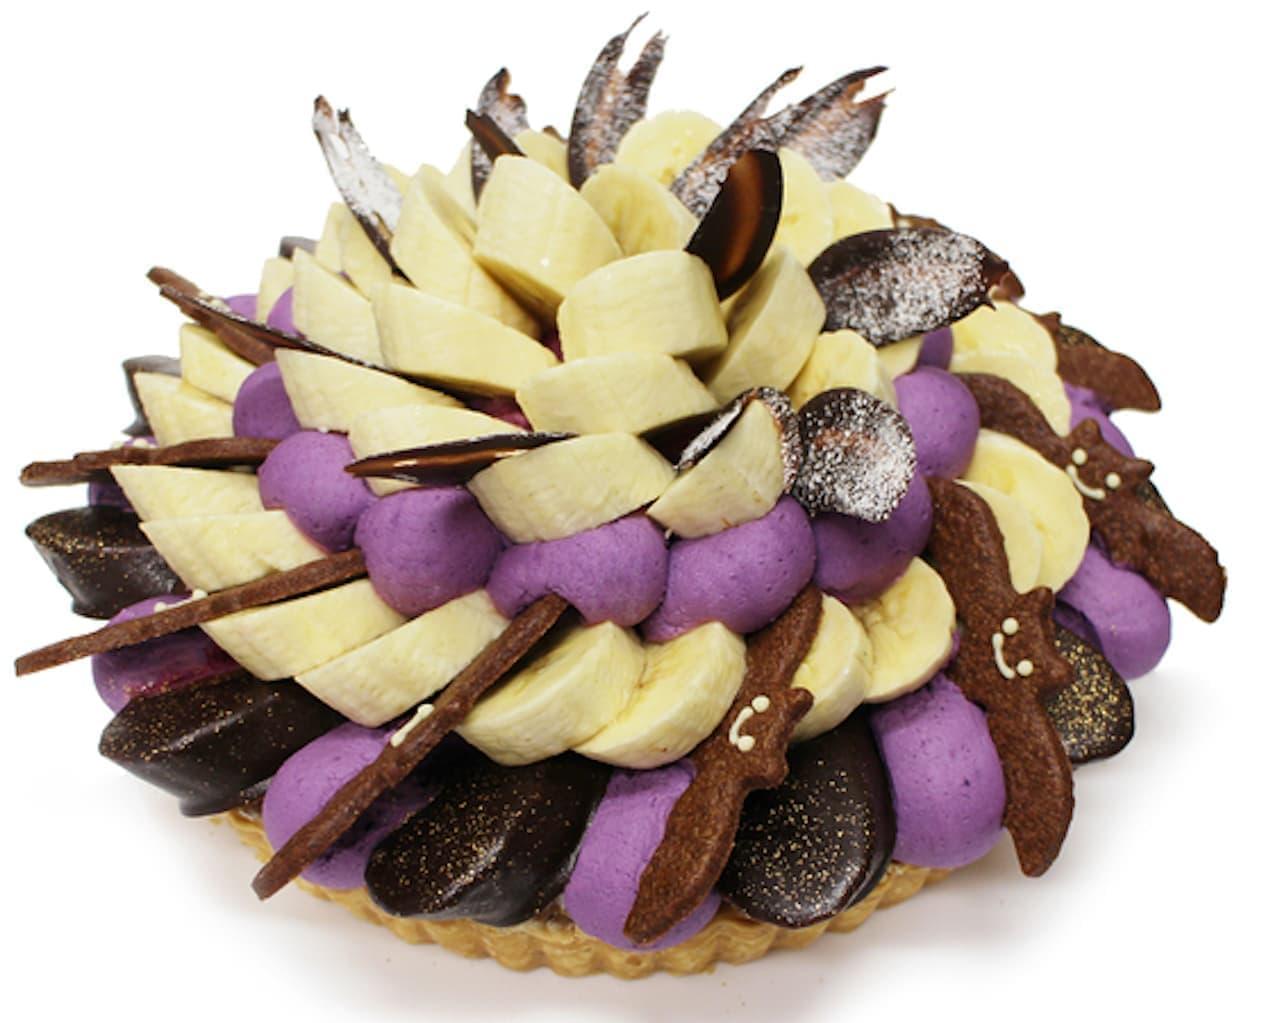 カフェコムサ「ハロウィンゴーストタウン~チョコバナナと紫芋クリームのケーキ~」